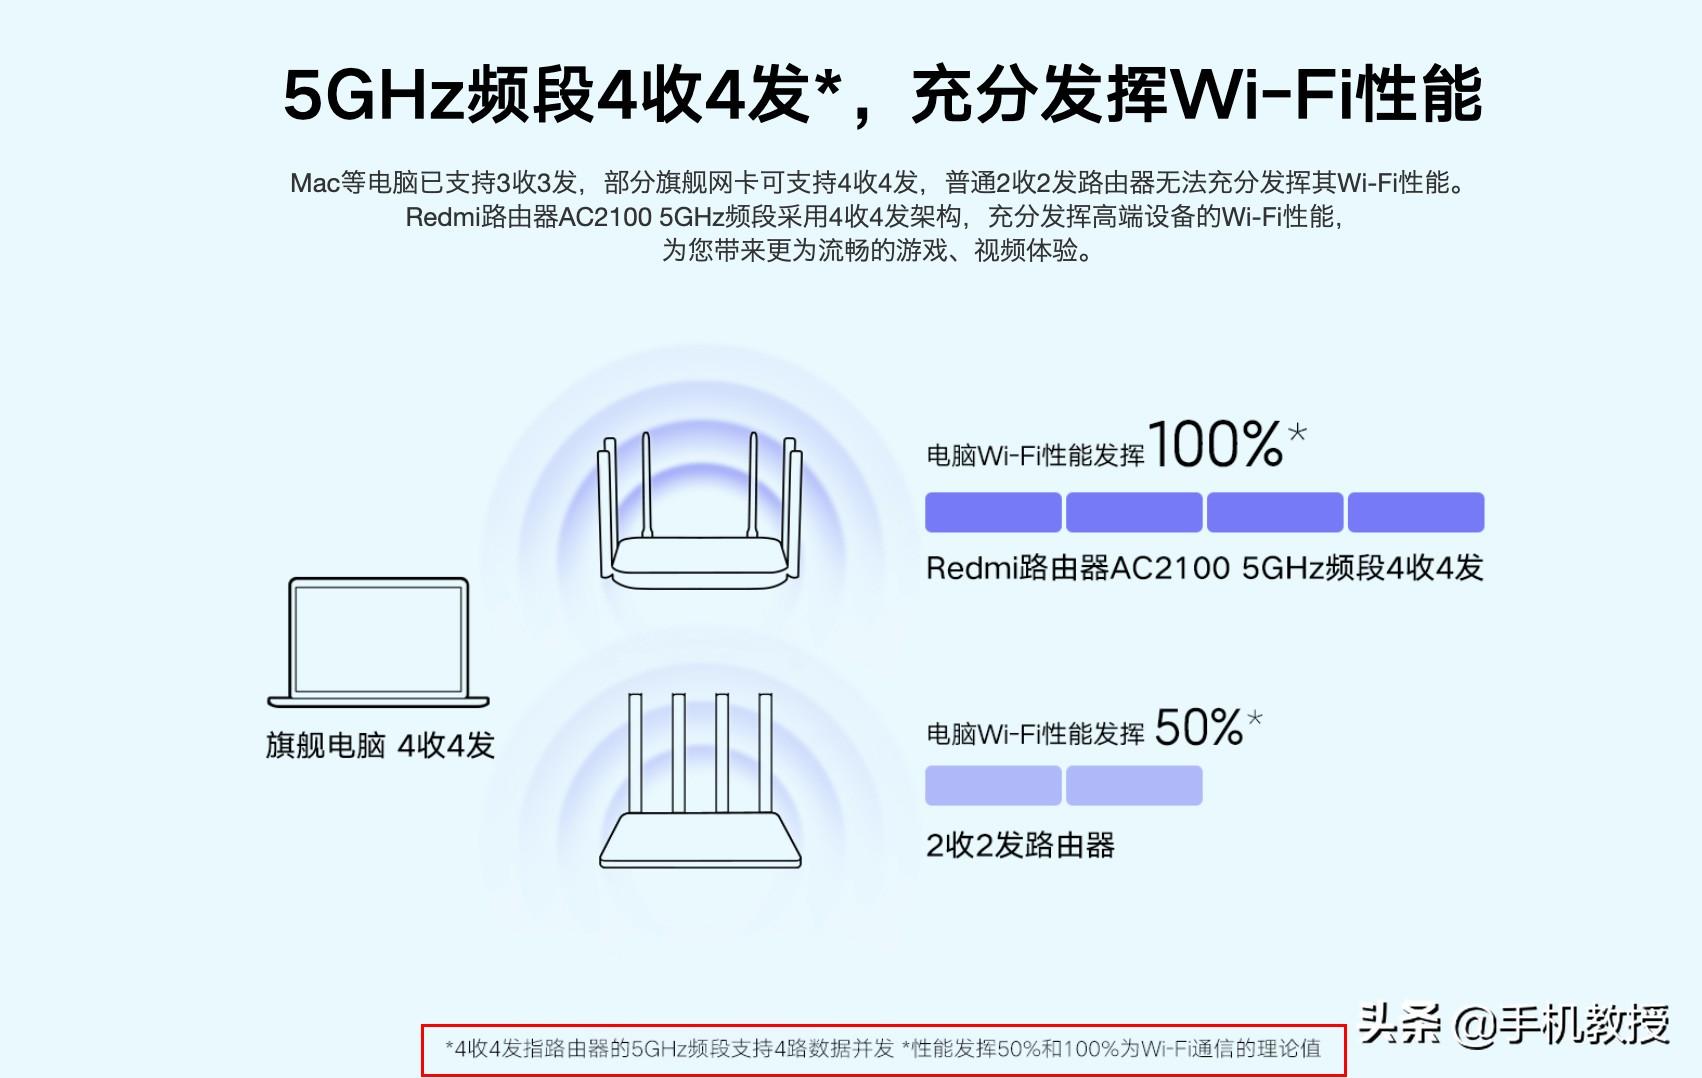 宽带和wifi有什么区别(wi-fi速度跟宽带有关吗)(7)